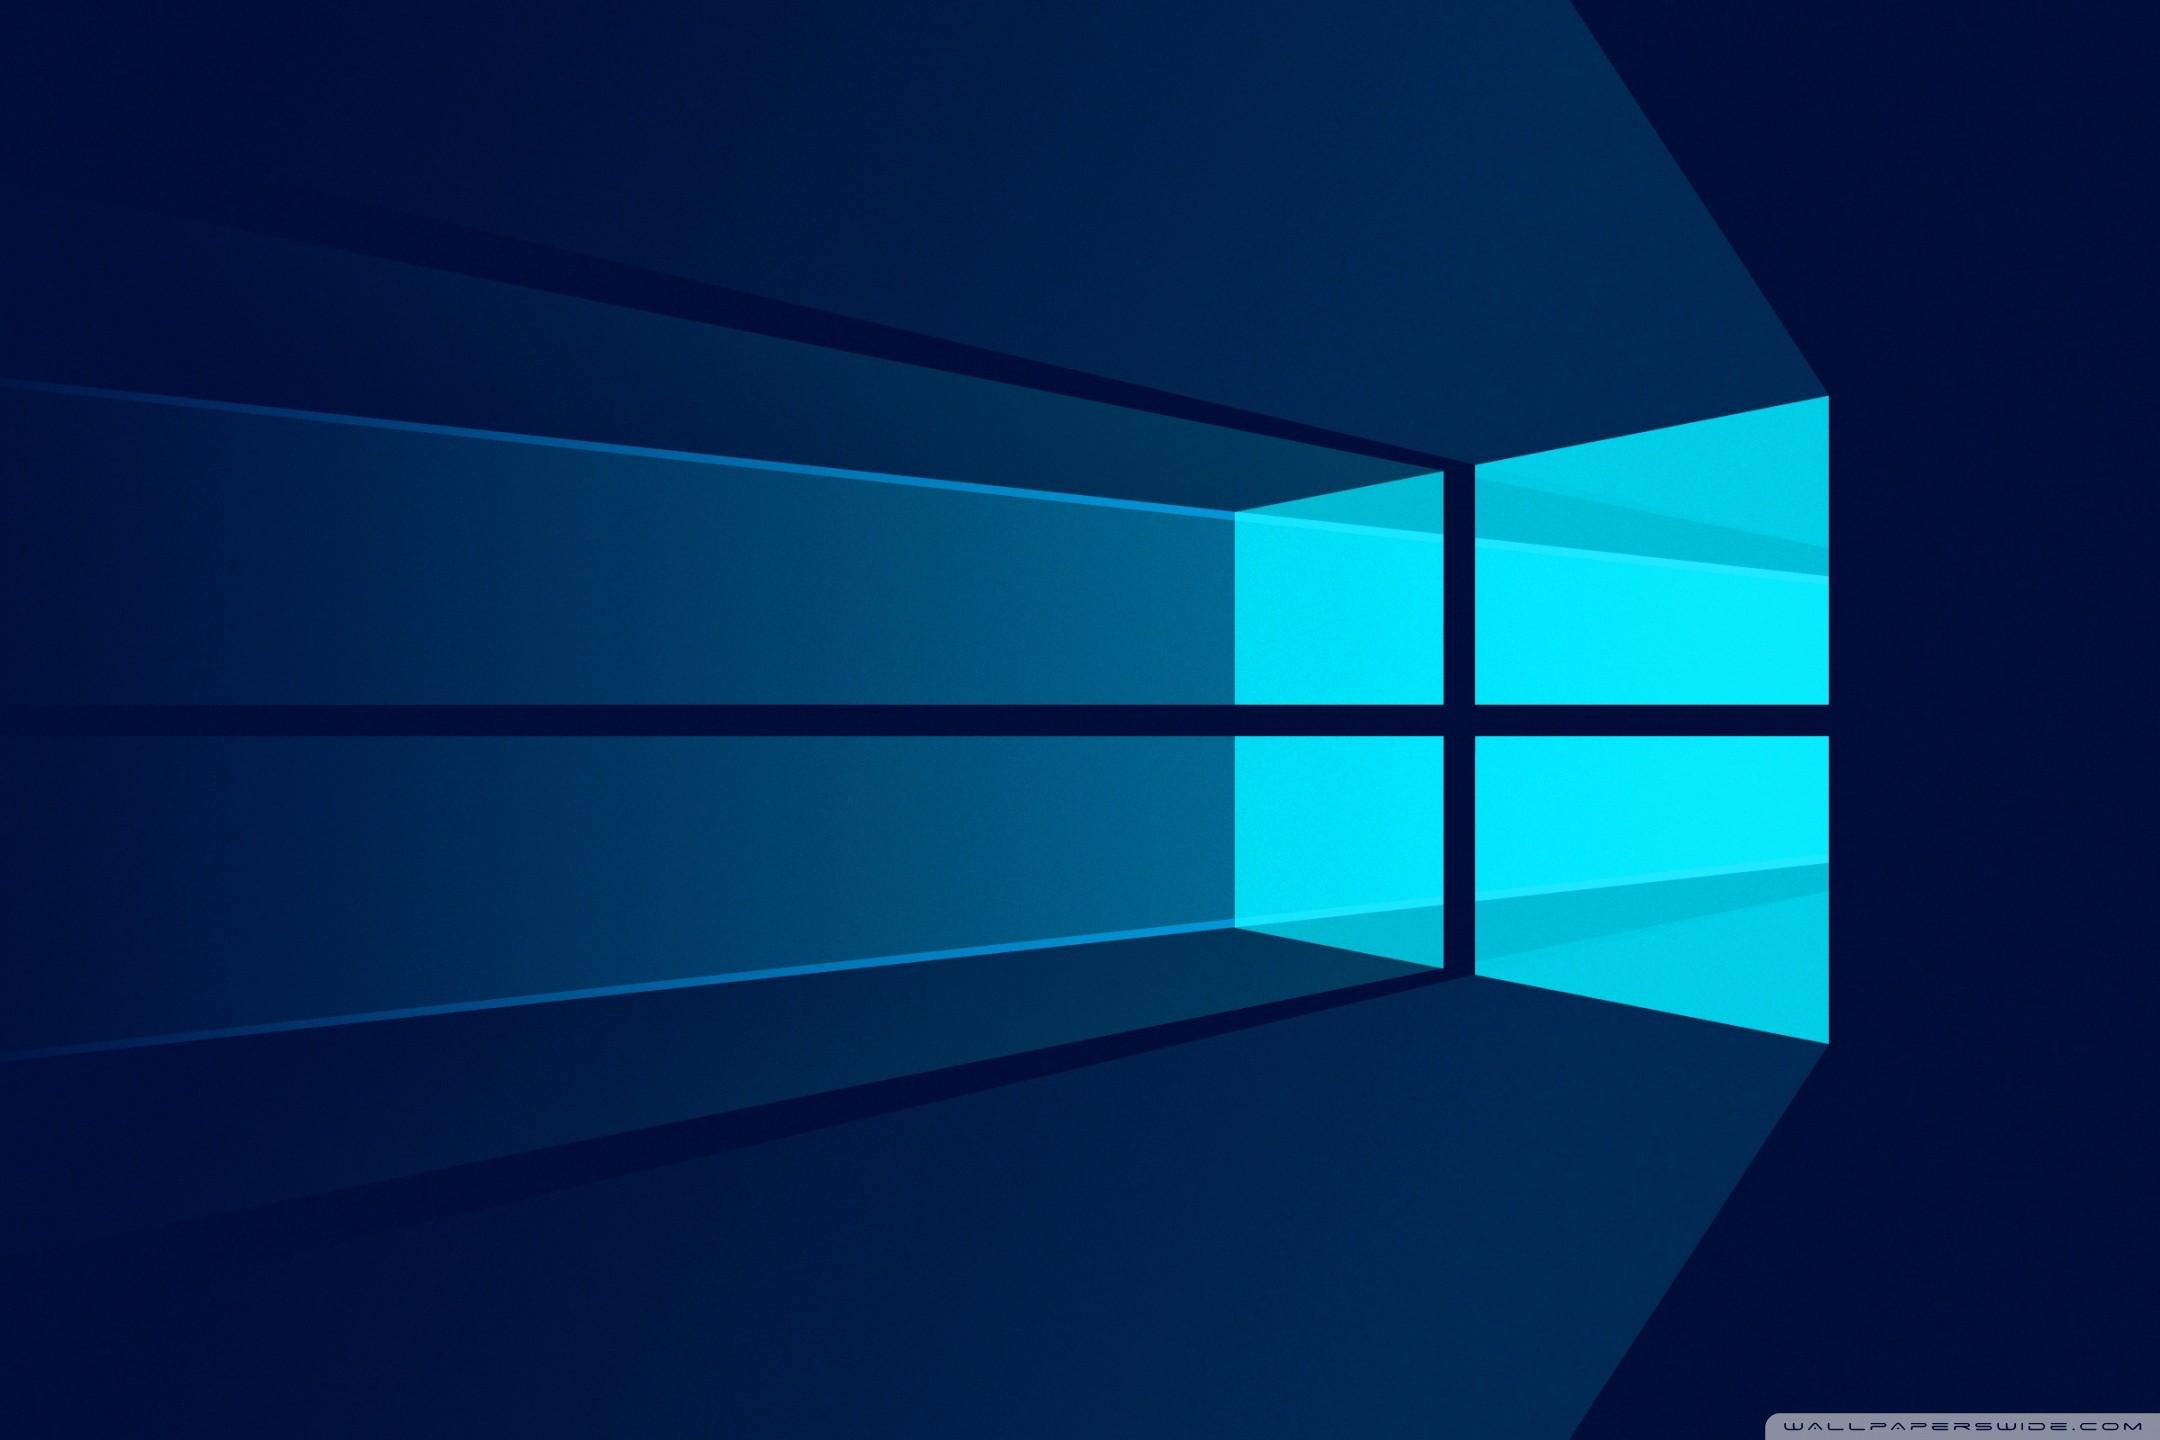 Windows 10 Material HD desktop wallpaper : High Definition .